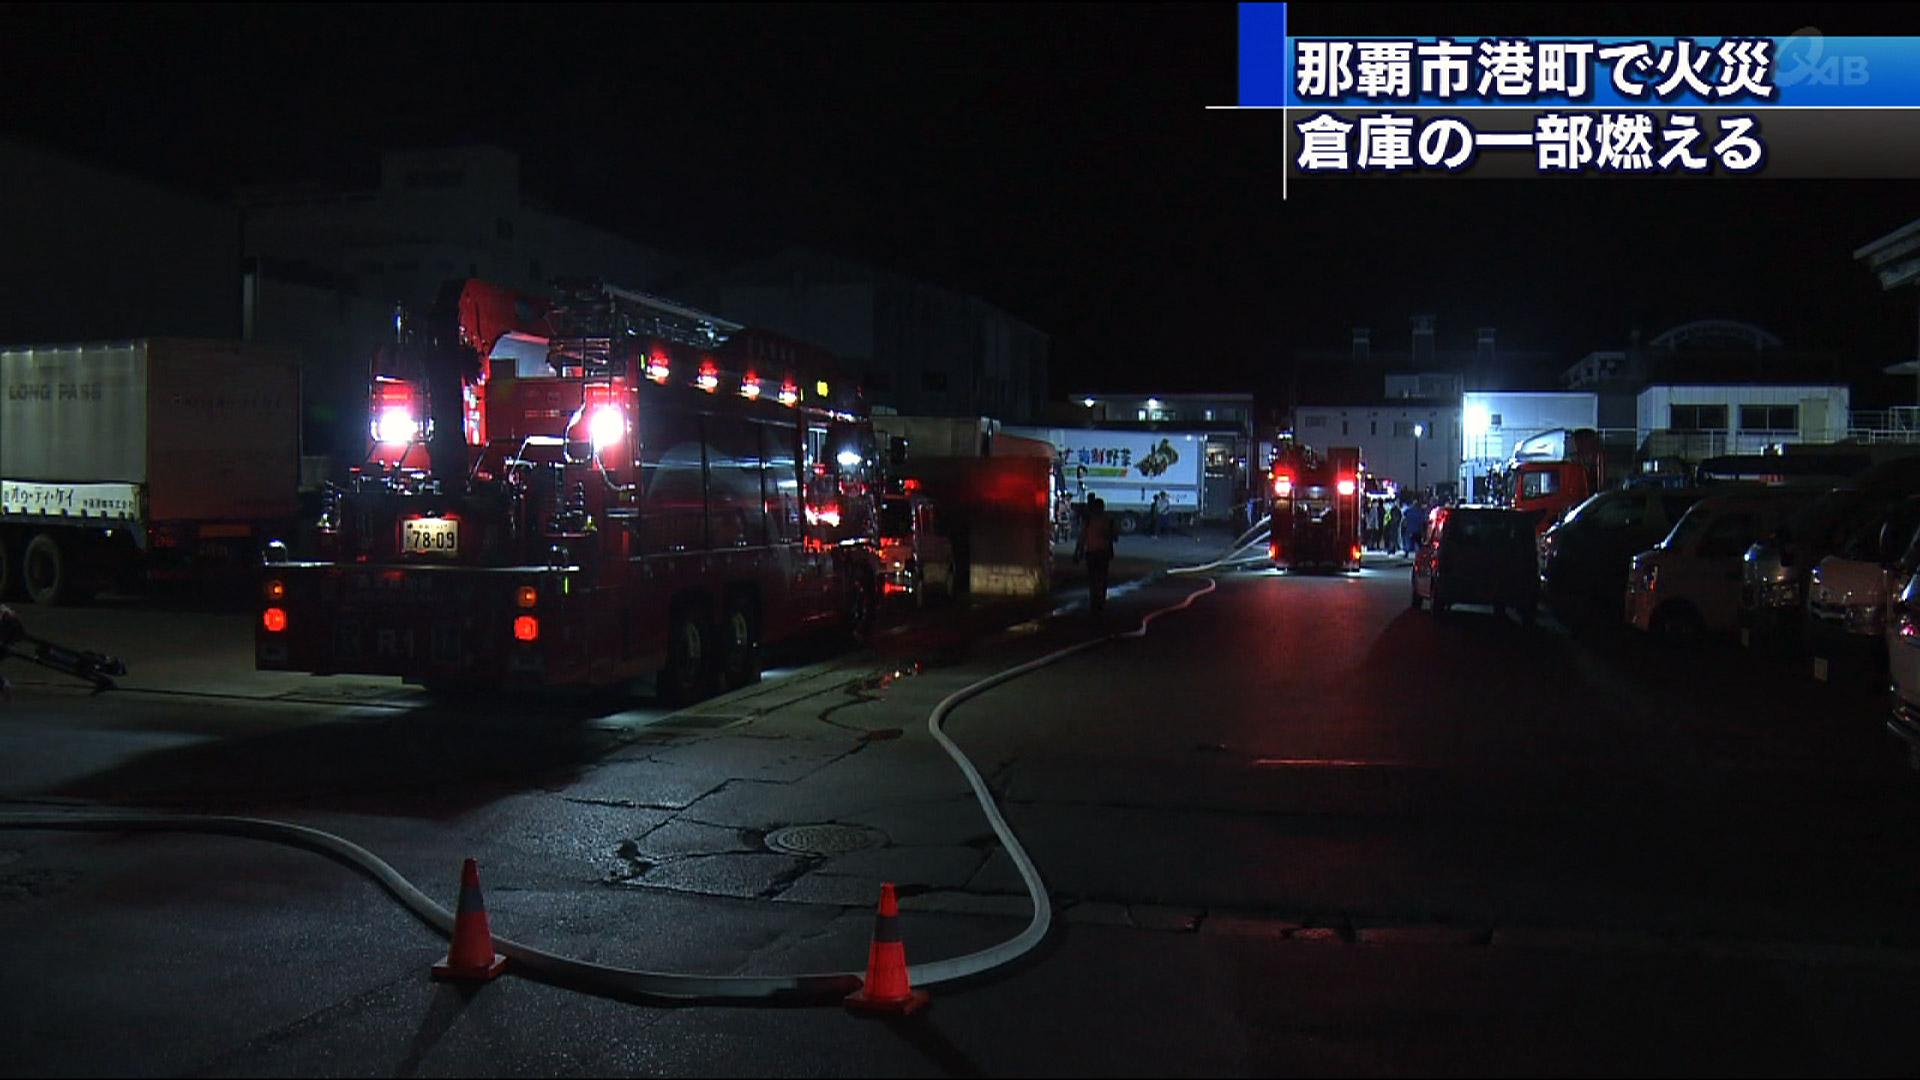 那覇市港町で火災 倉庫の一部が燃える